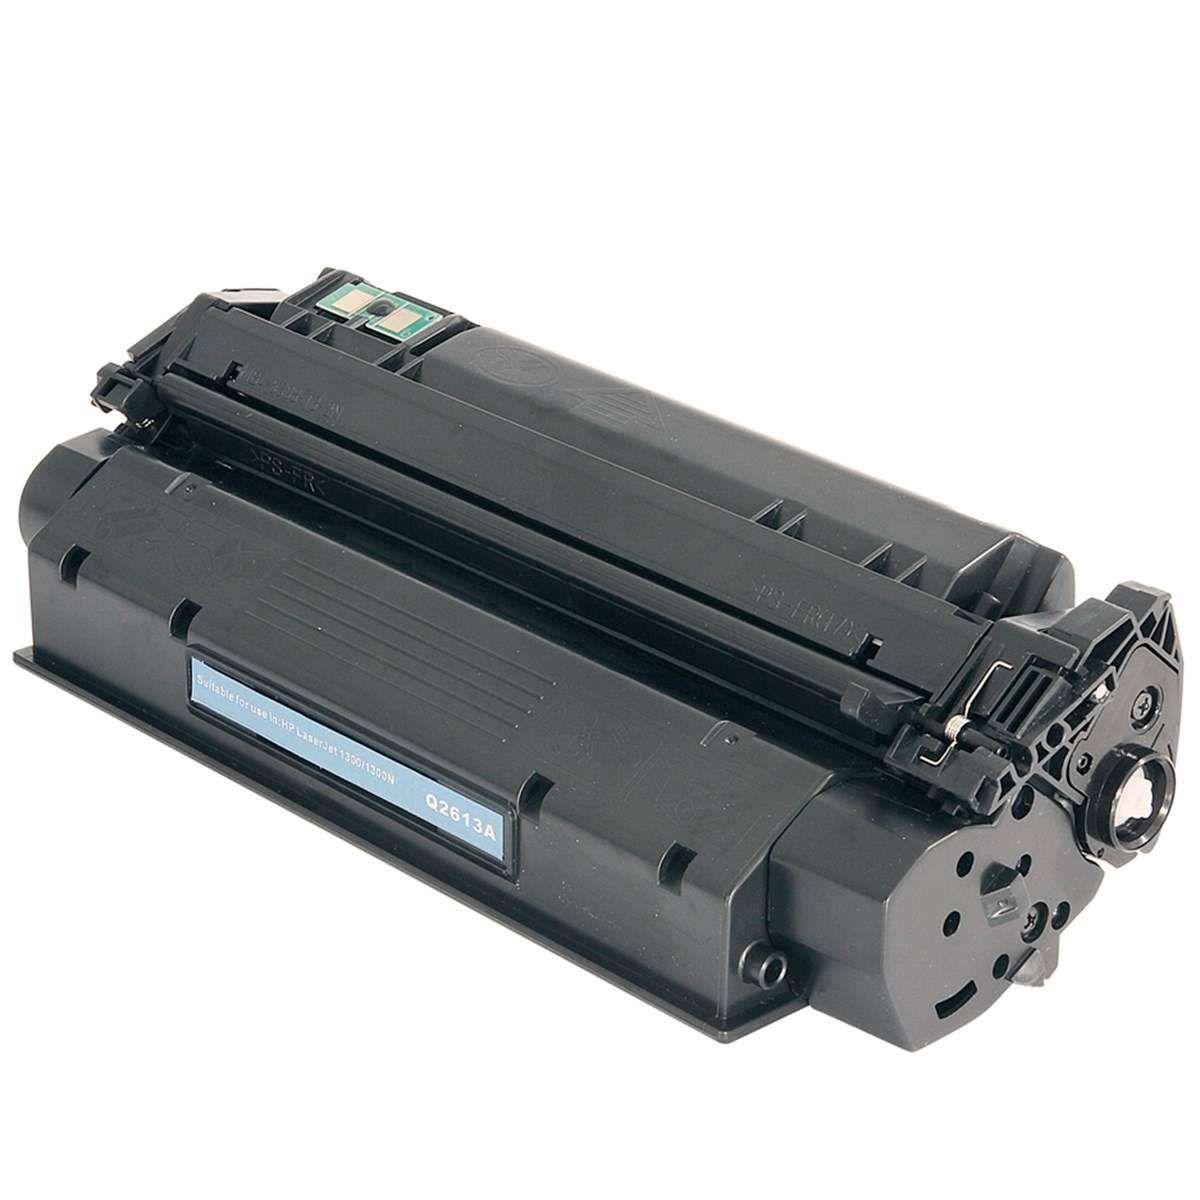 Toner Compativel HP Q2613 / C7115A  Preto